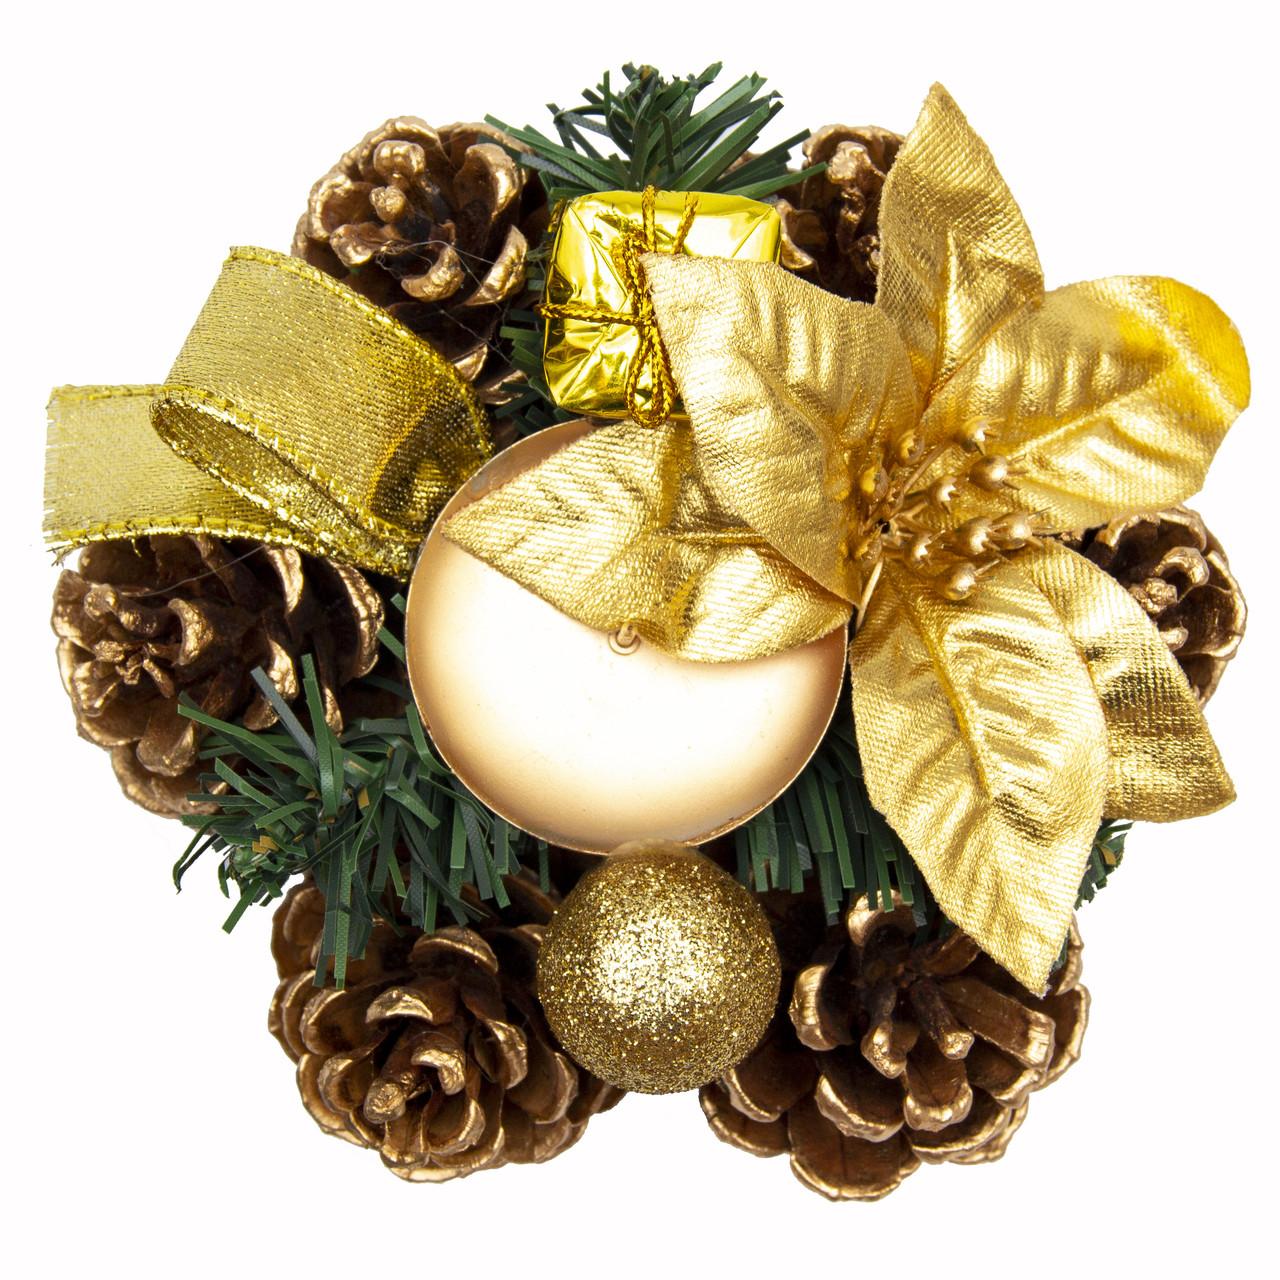 Подсвечник венок с цветами, золотой декор, 15 см (930111)